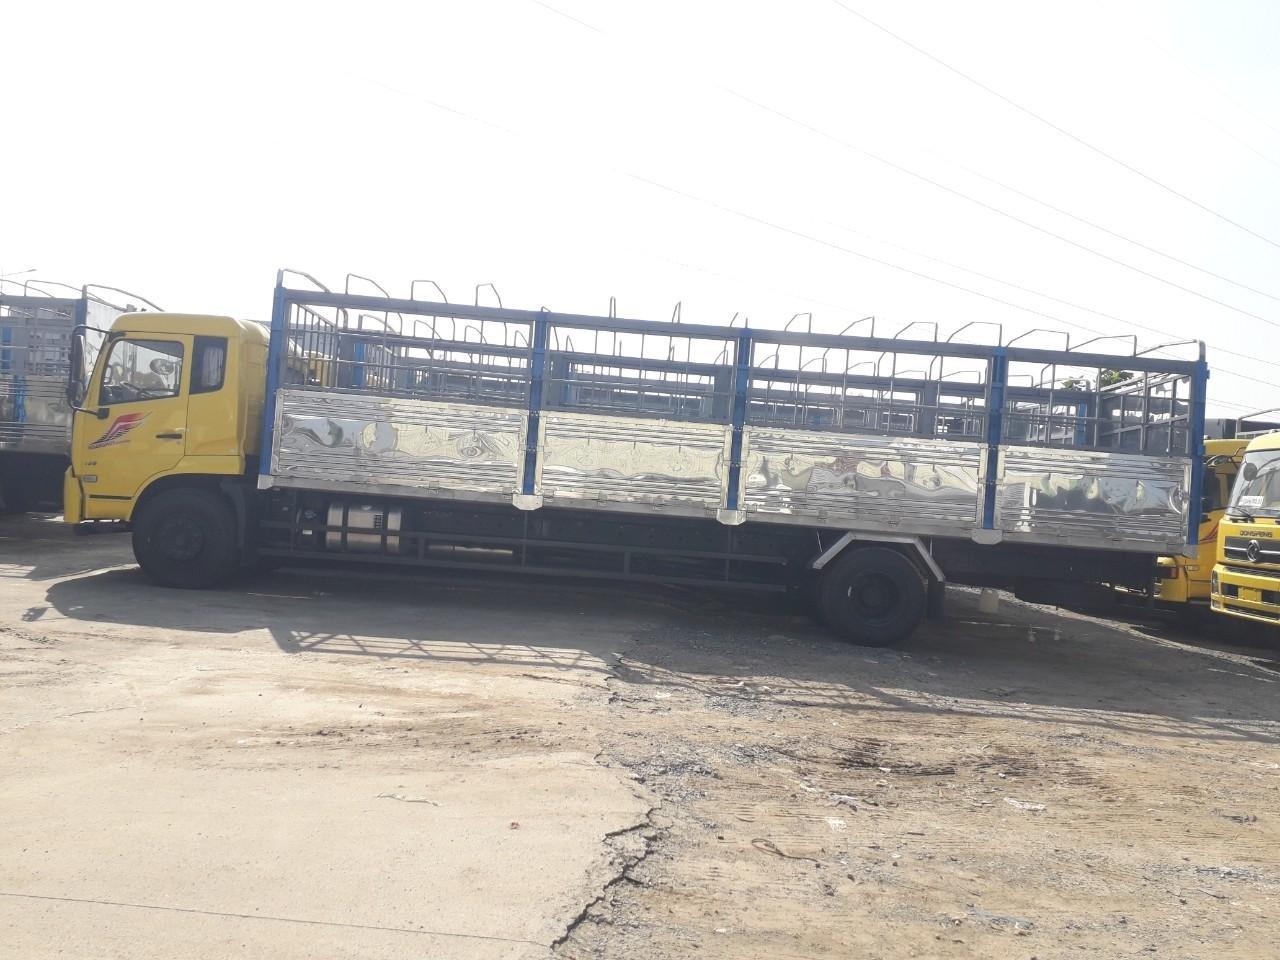 Xe tải Dongfeng 8 tấn B180 thùng dài 9m5 động cơ Cummins nhập khẩu  - hỗ trợ cho vay toàn quốc - 200tr nhận xe (2)